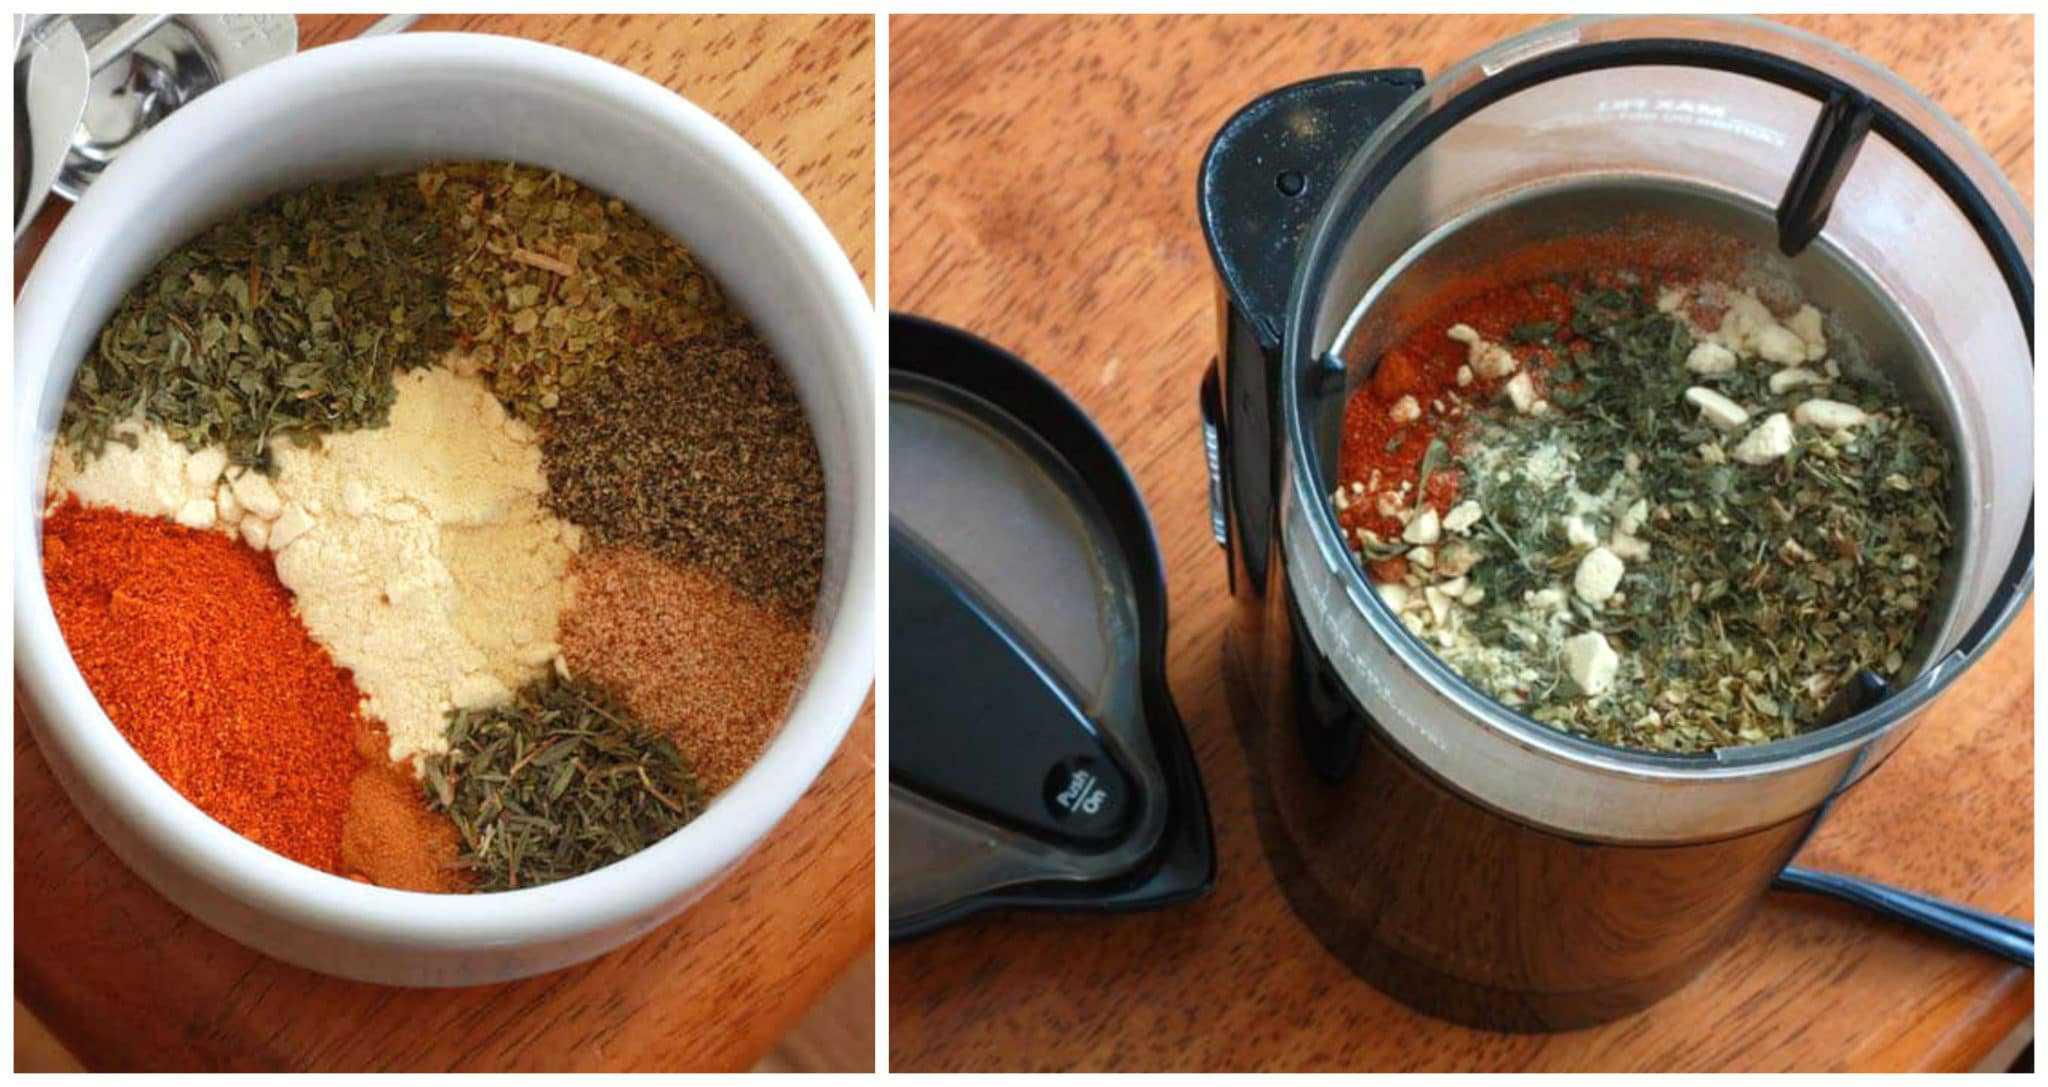 grinding ingredients in spice grinder